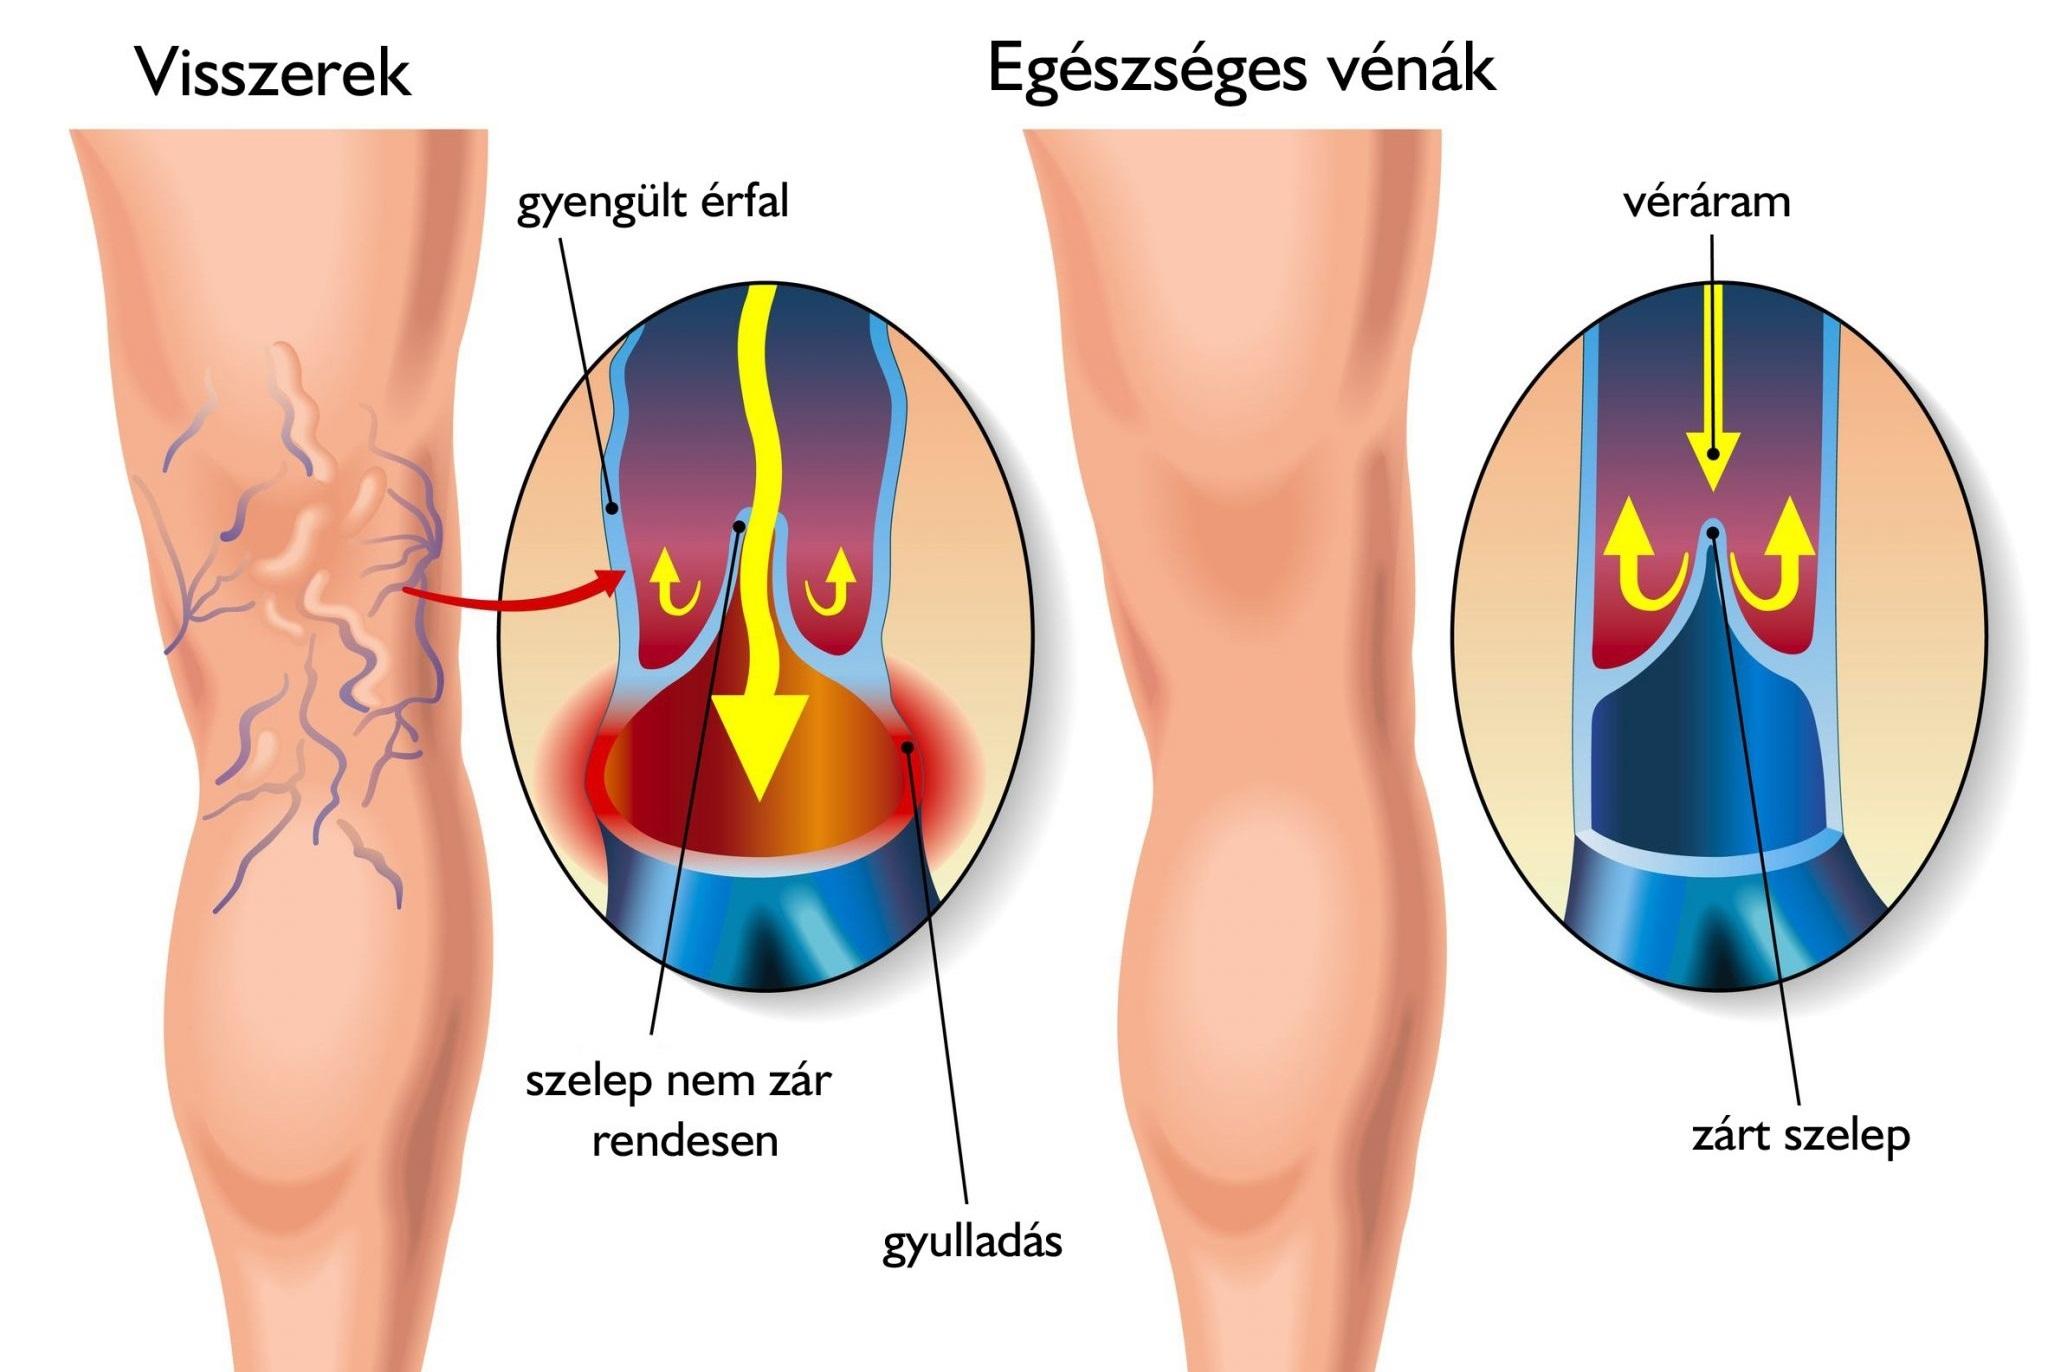 Orsk visszeres műtét almaecet visszeres terhesség alatt